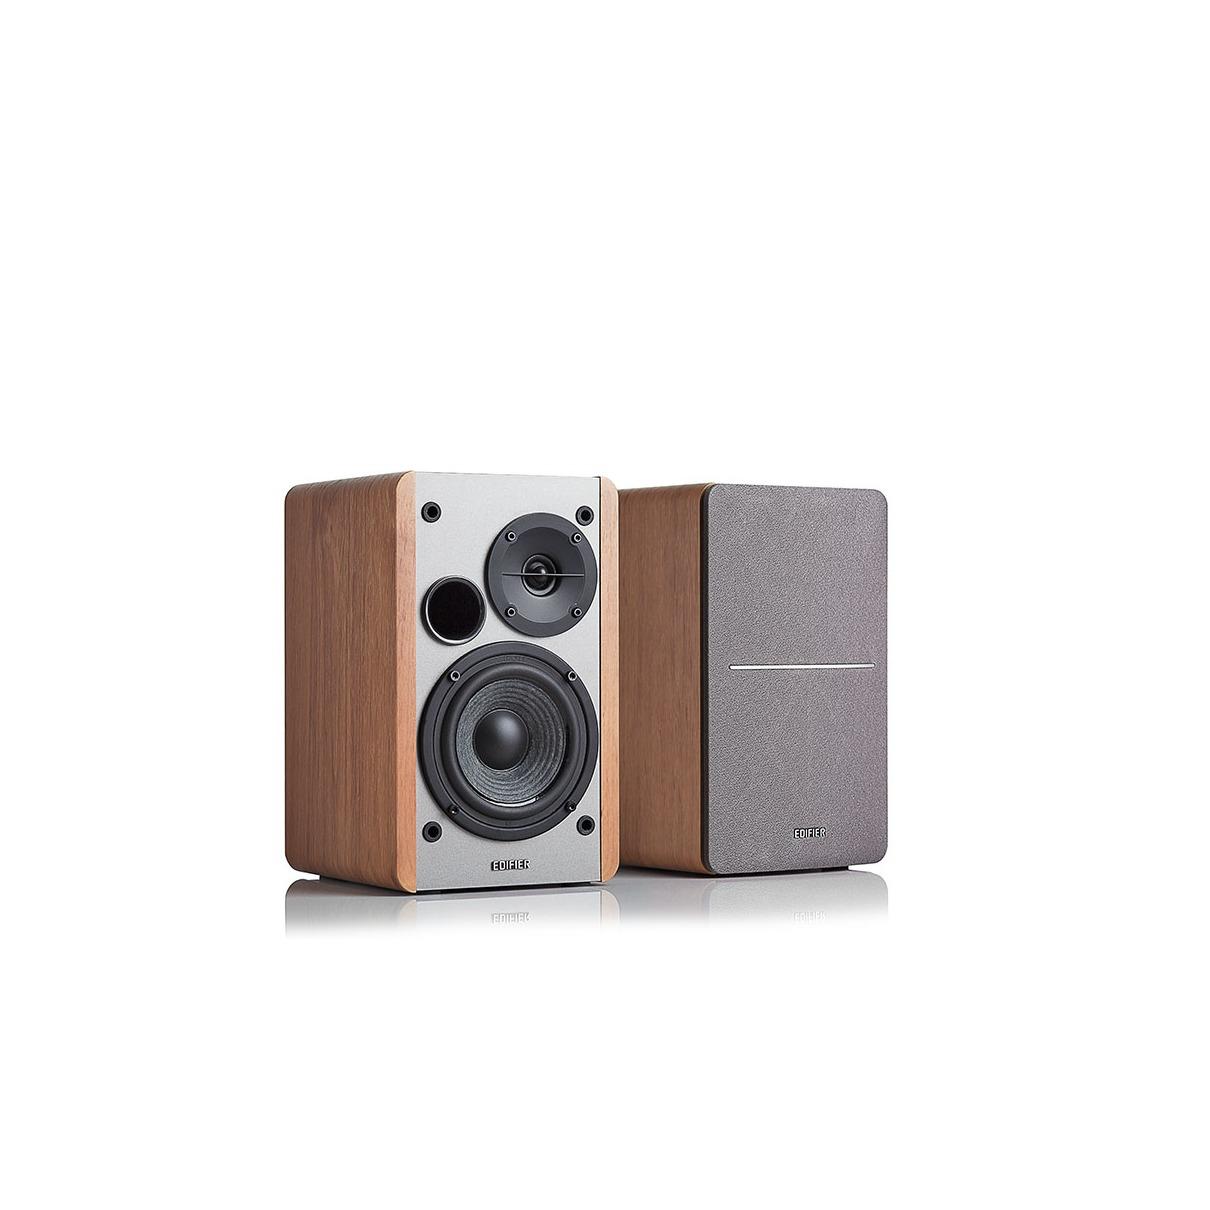 Edifier boekenplank speaker R1280T